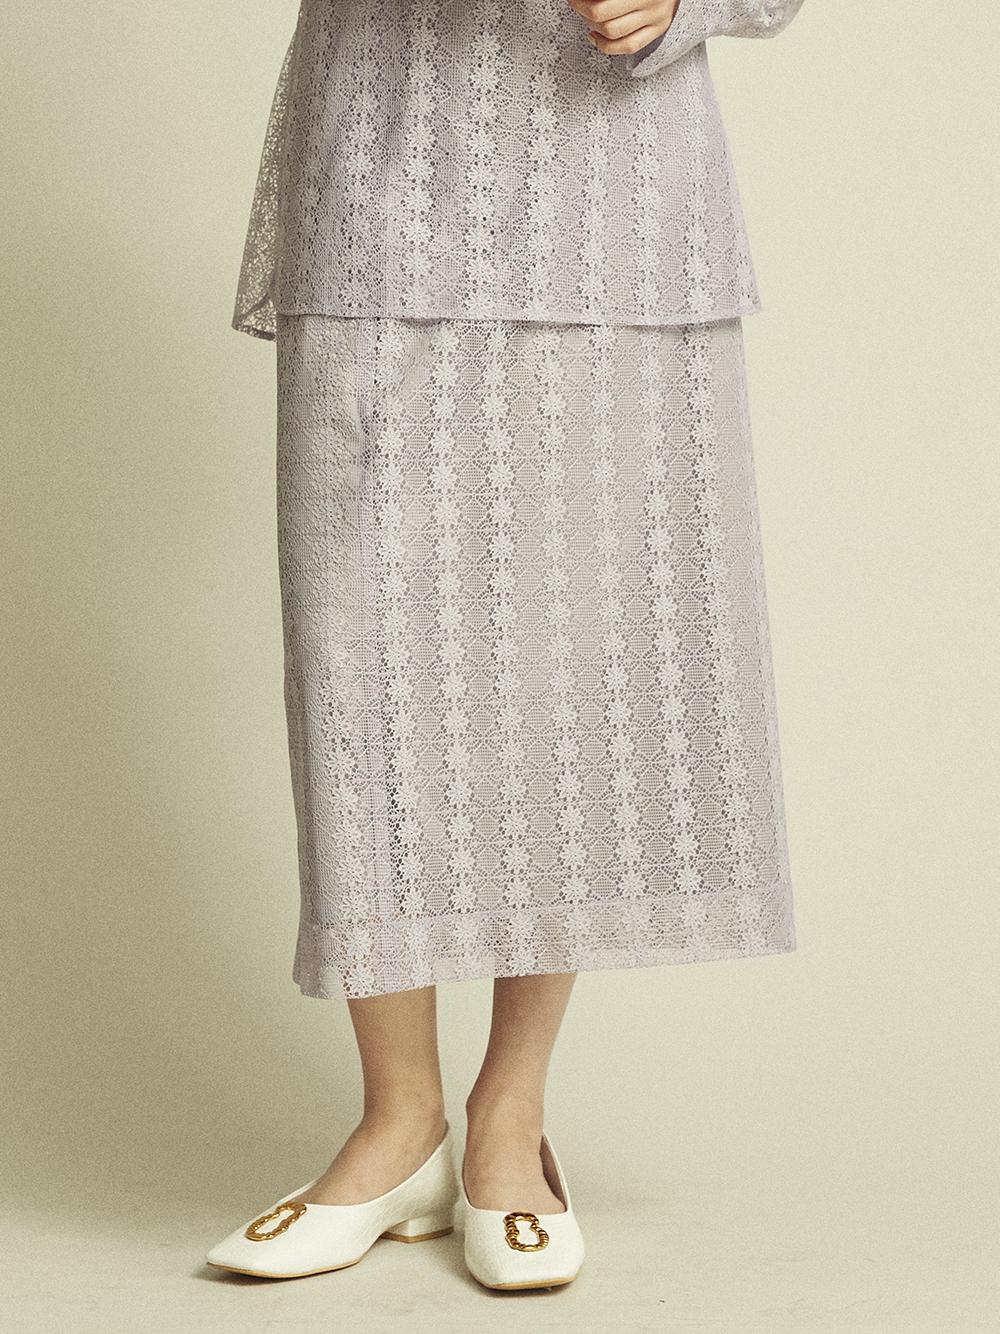 環保材質蕾絲窄裙